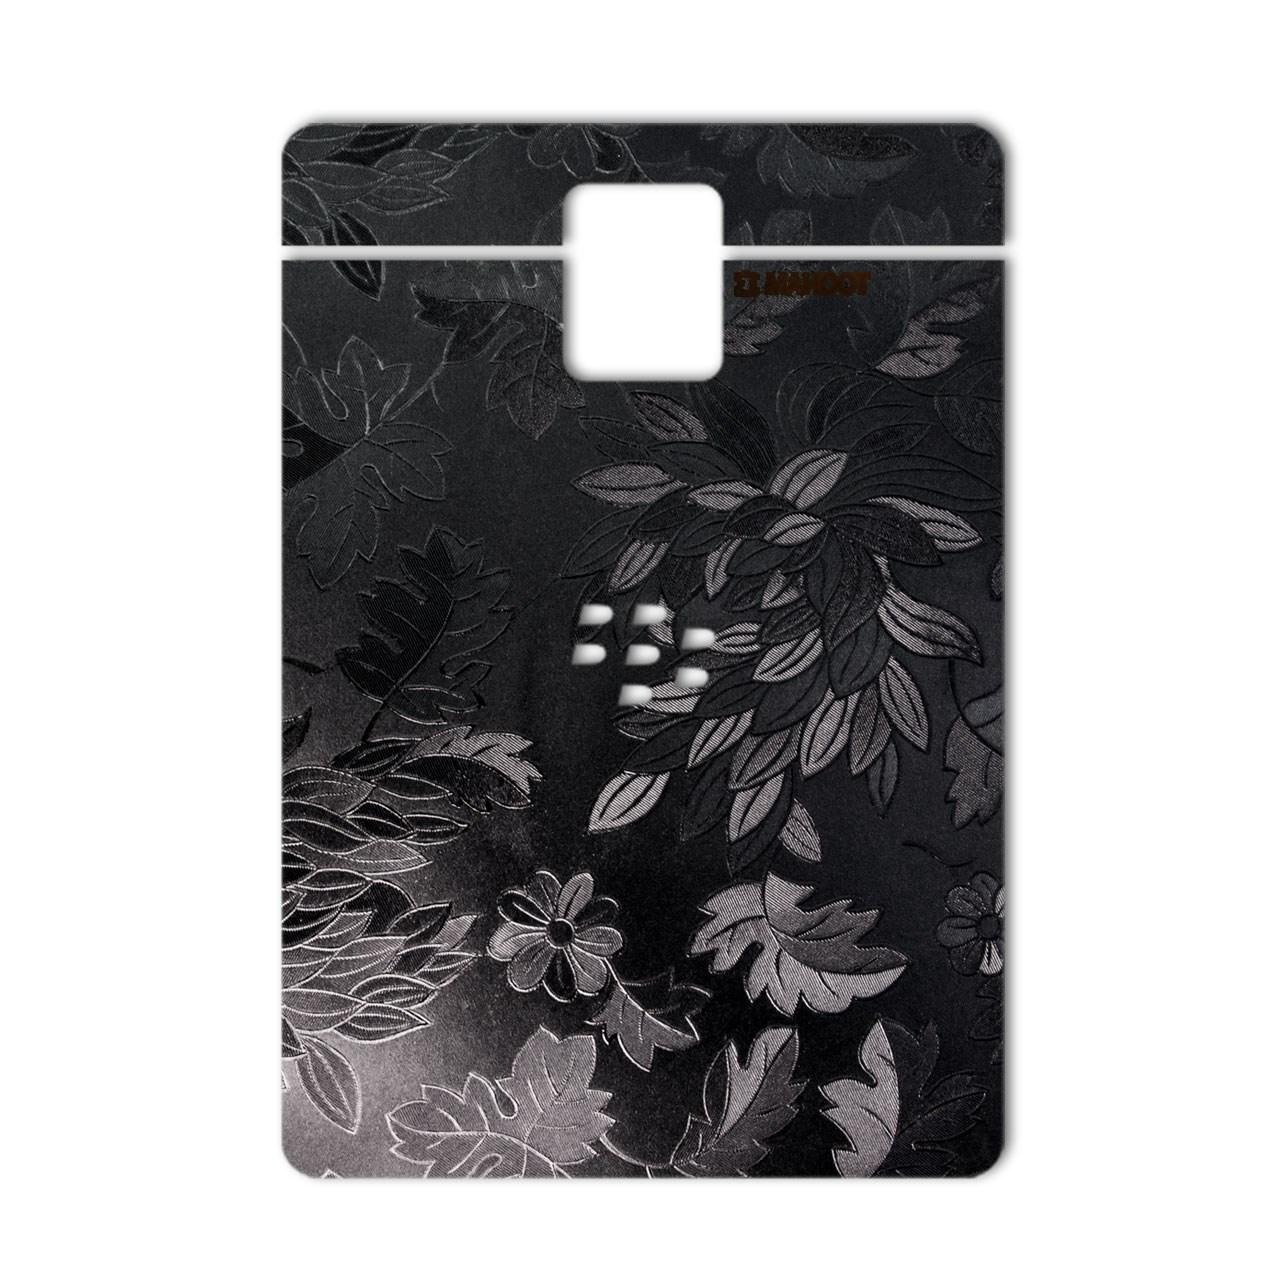 برچسب پوششی ماهوت مدل Wild-flower Texture مناسب برای گوشی  BlackBerry Passport